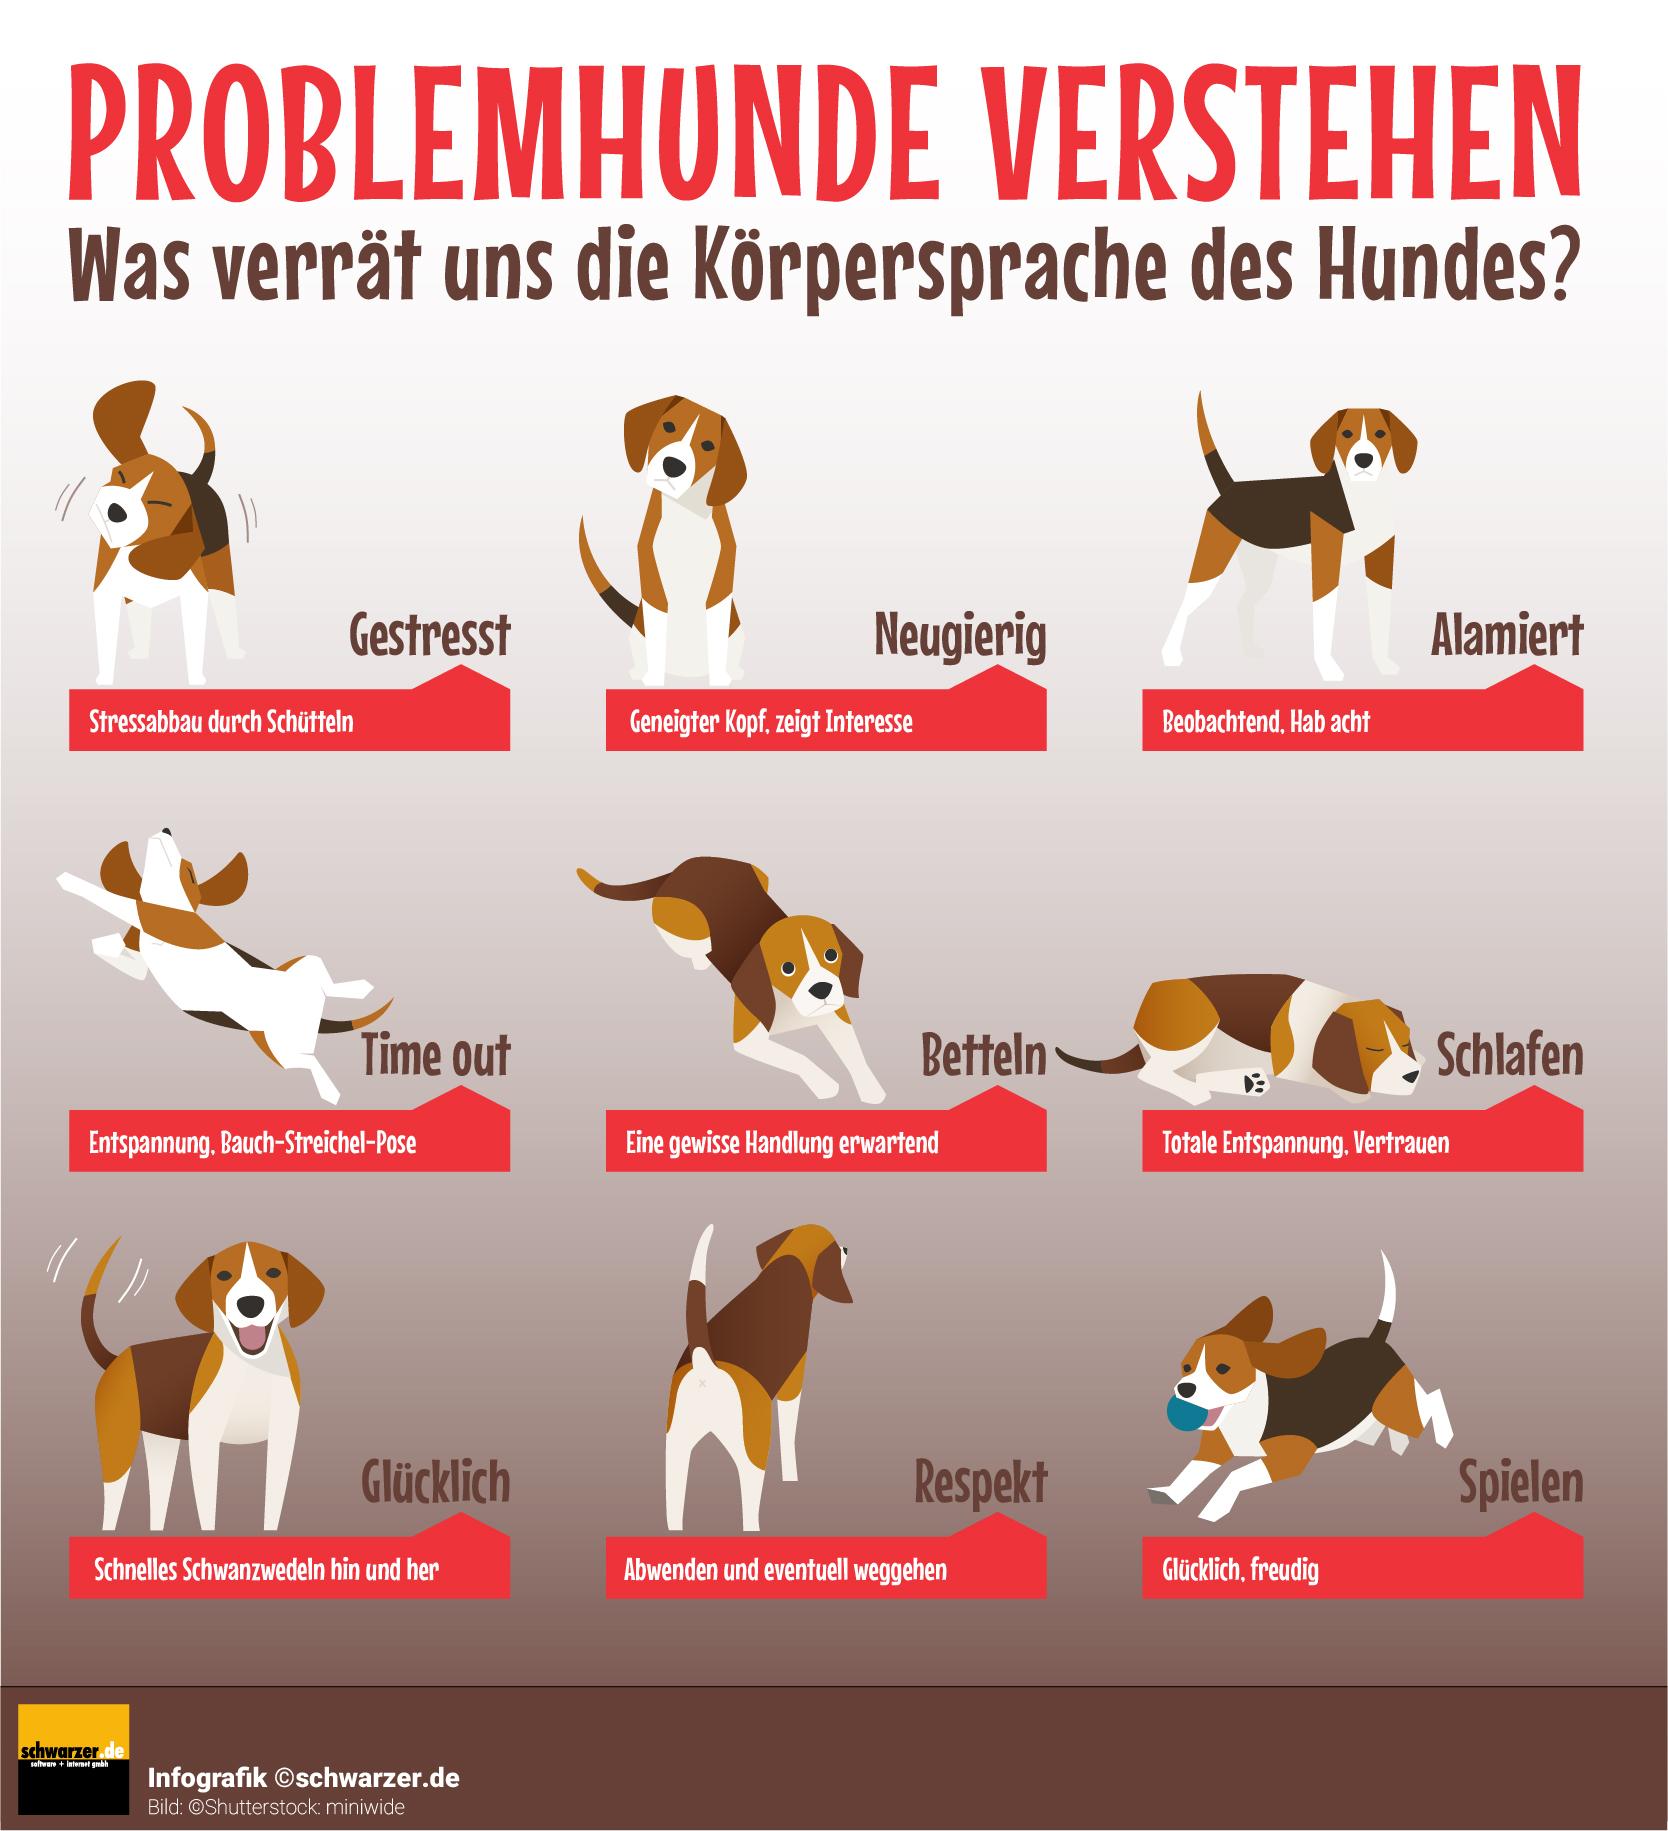 Infografik: Problemhunde verstehen - was verrät uns die Körpersprache des Hundes?